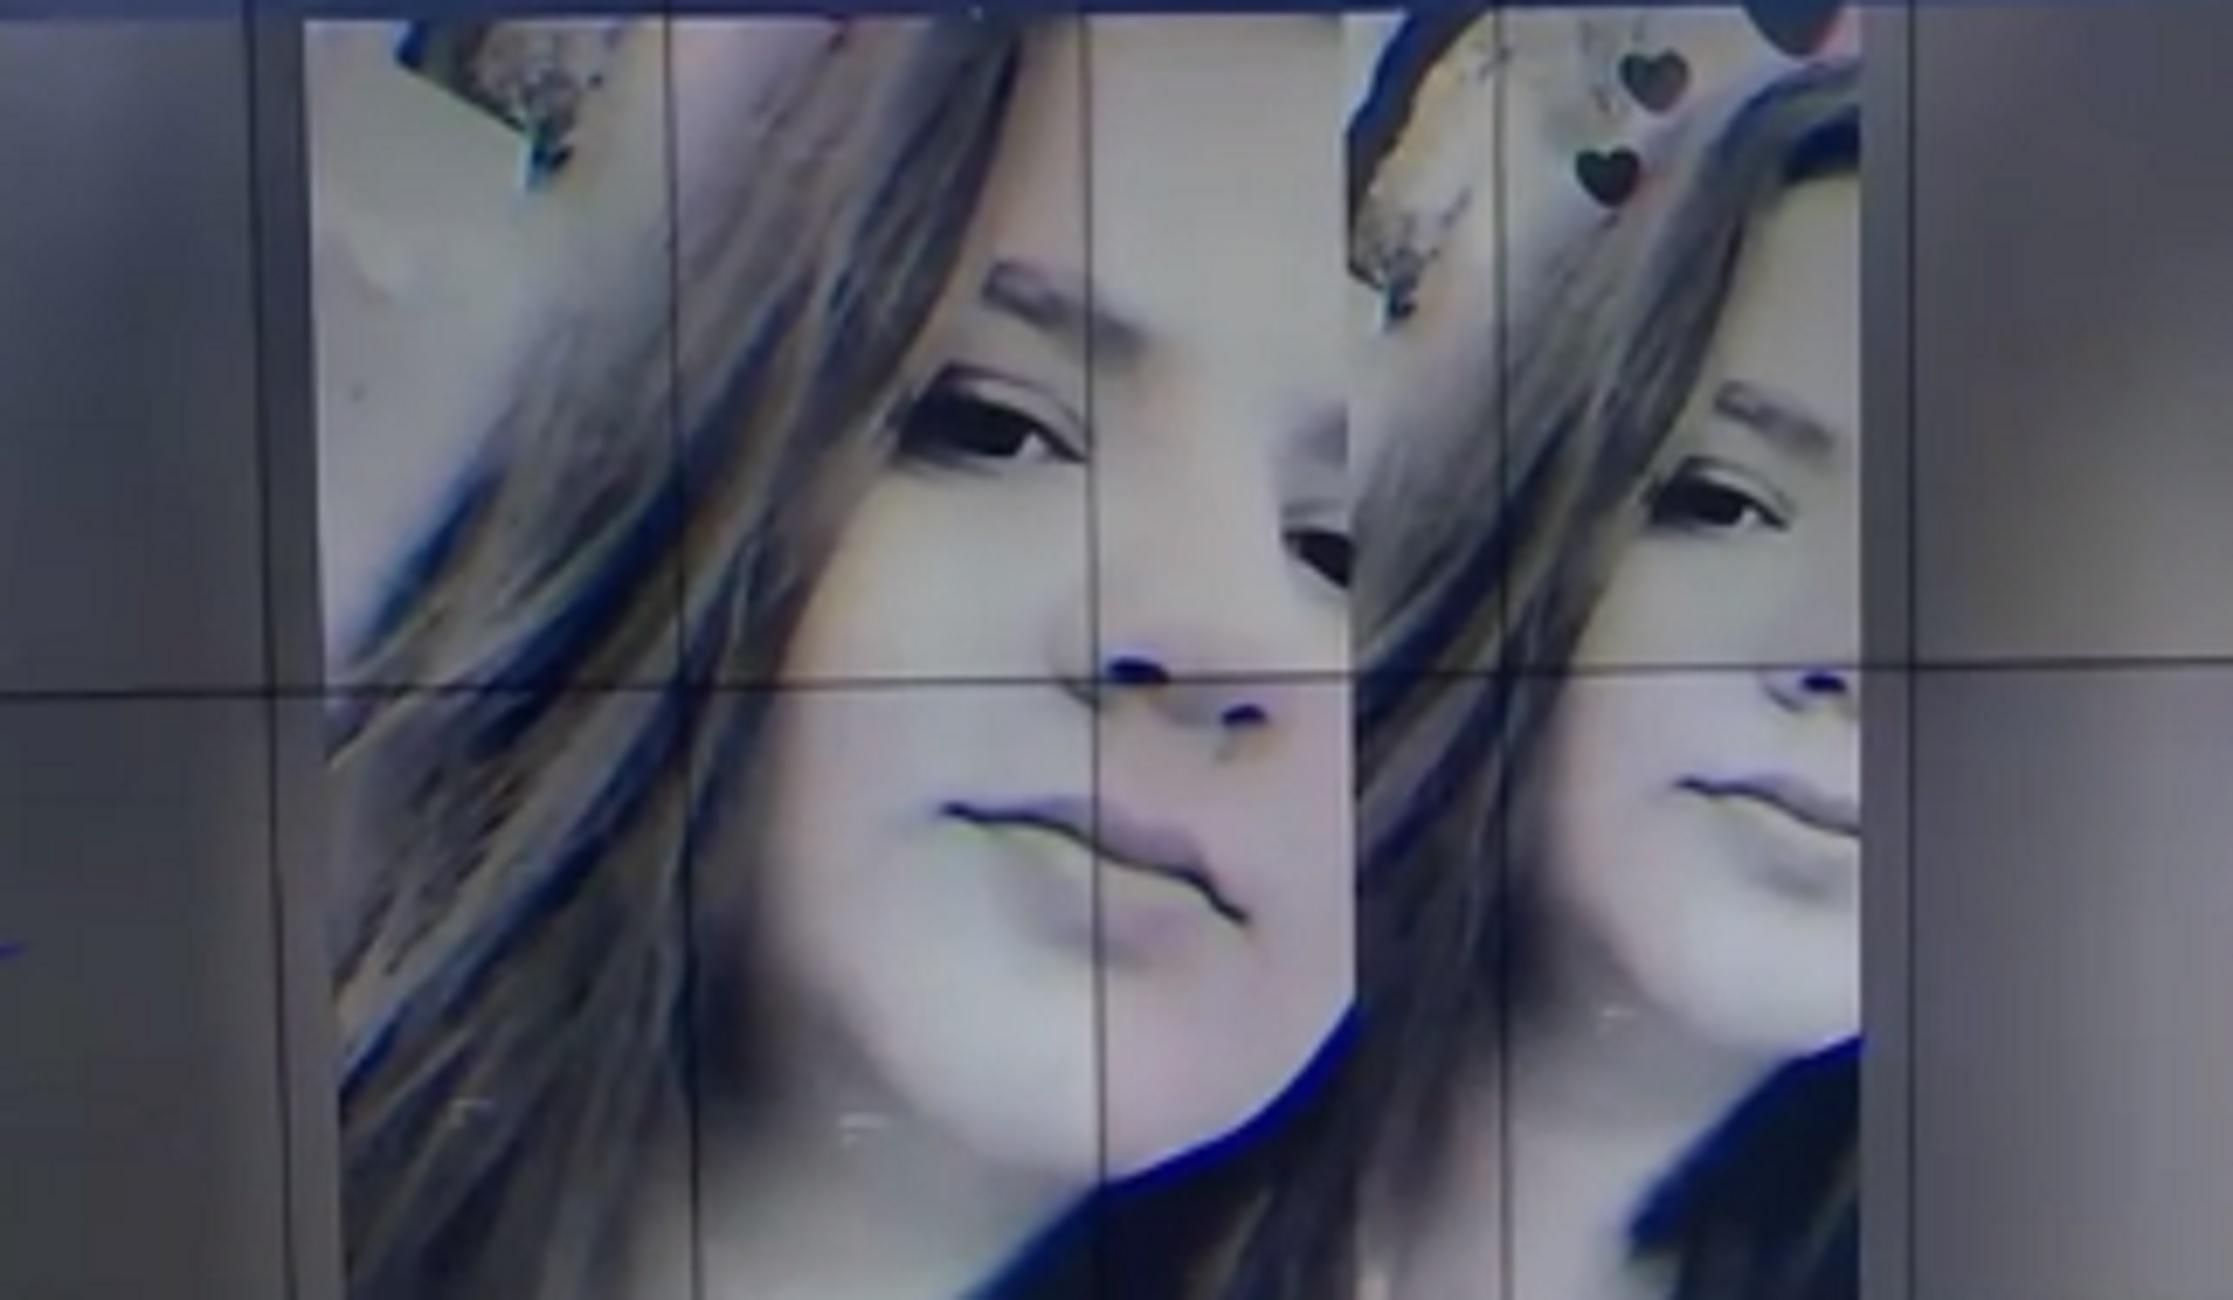 Θήβα: Ο κορονοϊός χτύπησε στην καρδιά και σκότωσε την 16χρονη Μαργαρίτα – Τα νέα στοιχεία της τραγωδίας (video)